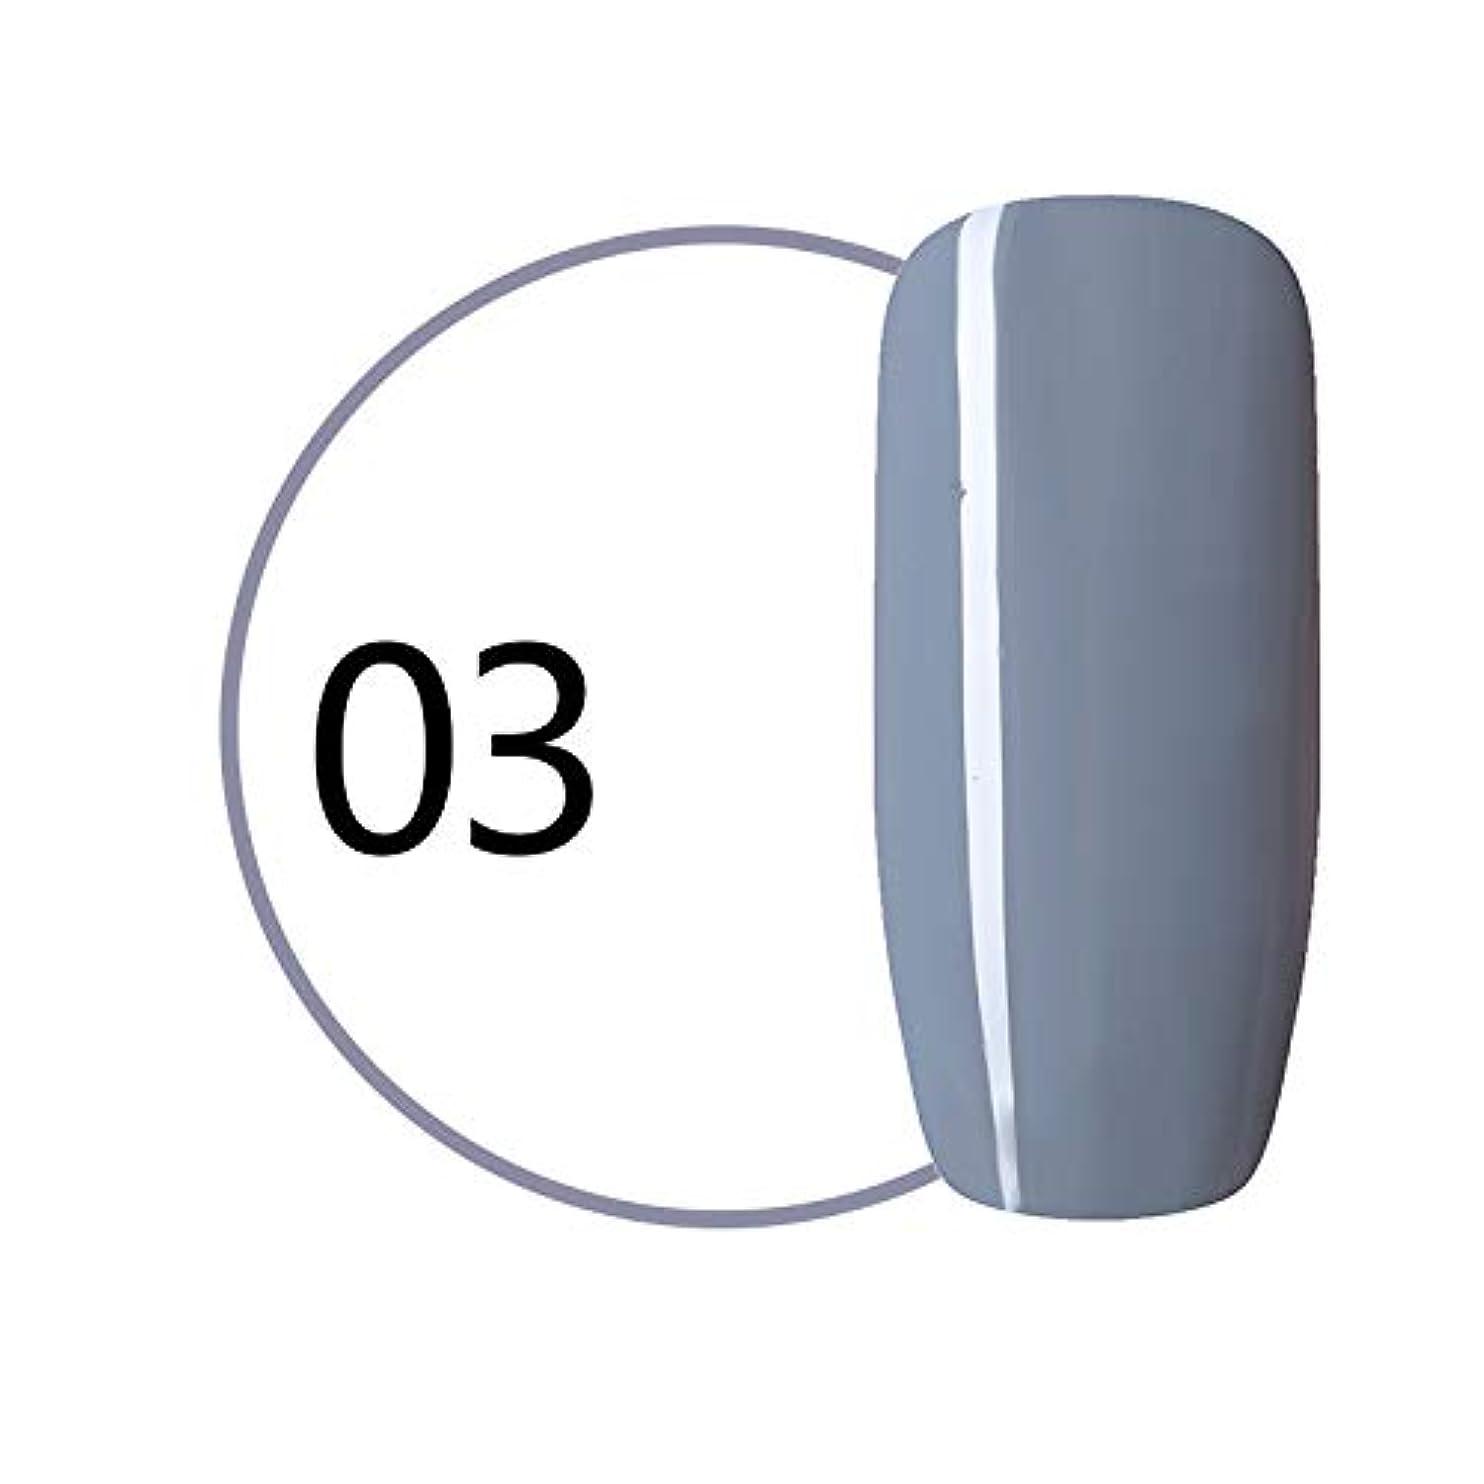 主張下位導出Symboat マニキュア ソークオフ UV LED ネイルジェルポリッシュ ワイングレーシリーズ ネイル用品 女優 人気 初心者にも対応 安全 無毒